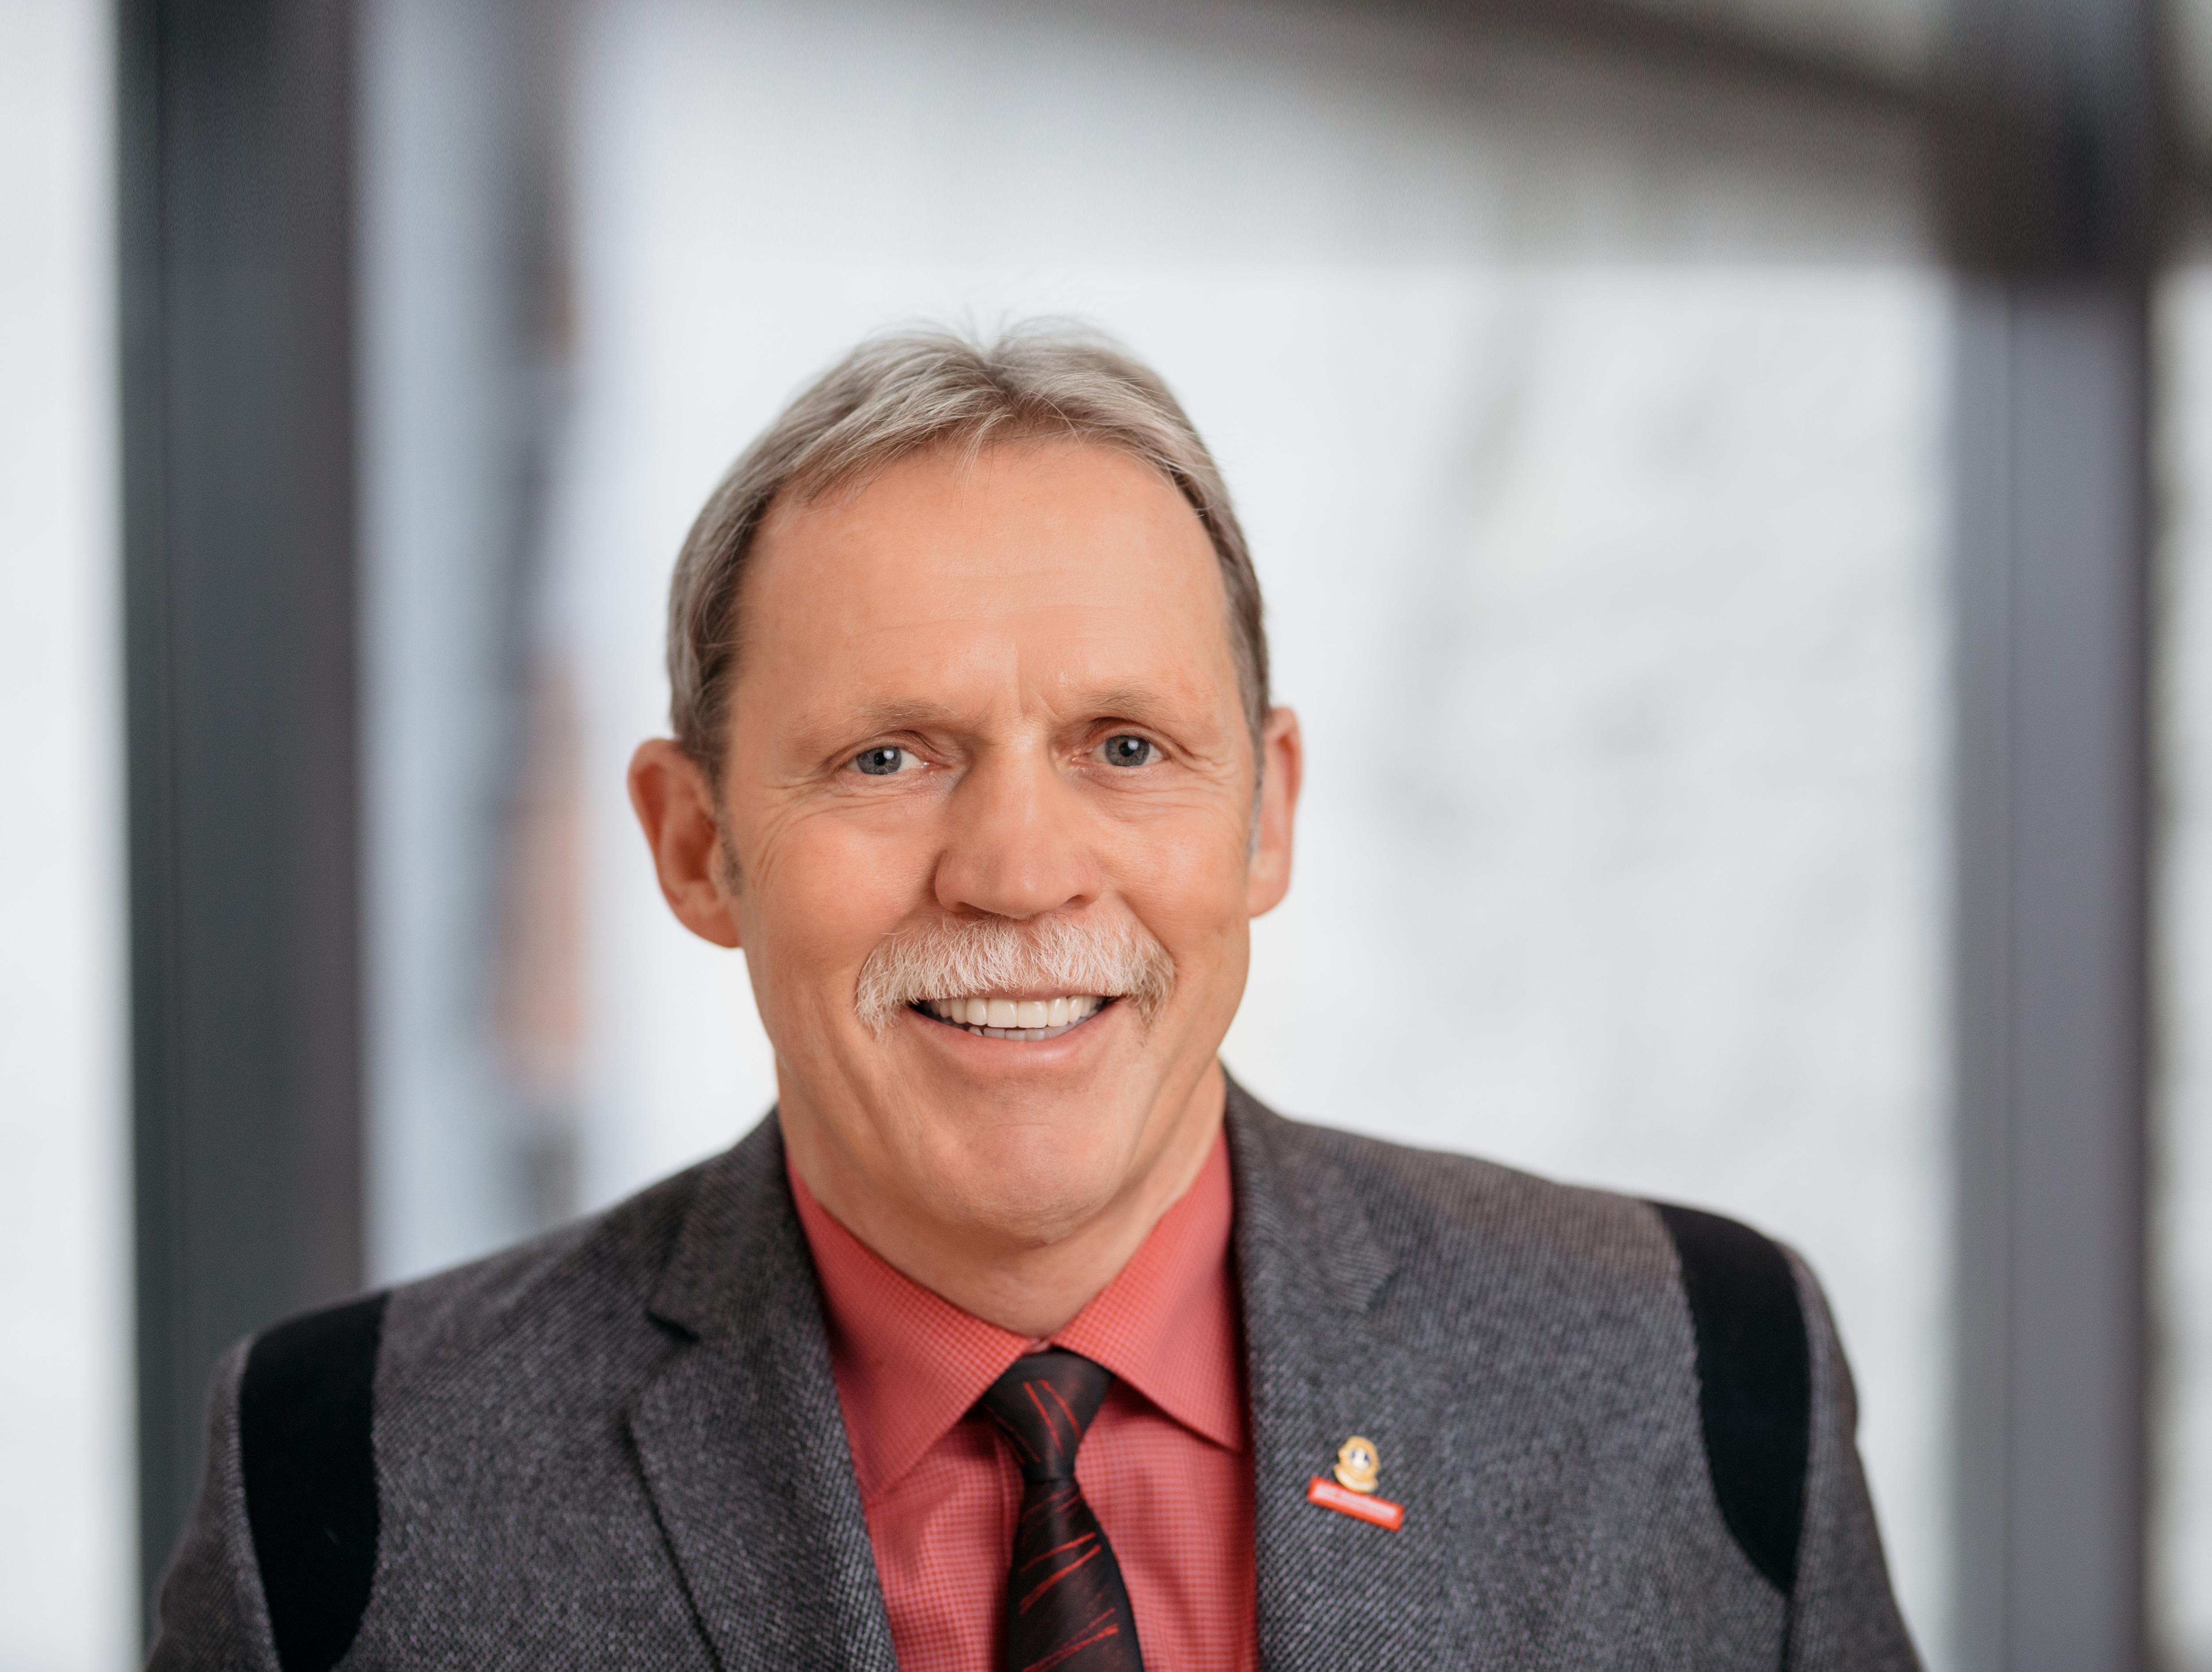 Manfred Scharfenberger, stellvertr. Vorstandsvorsitzender forum Thüringer Wald e.V.